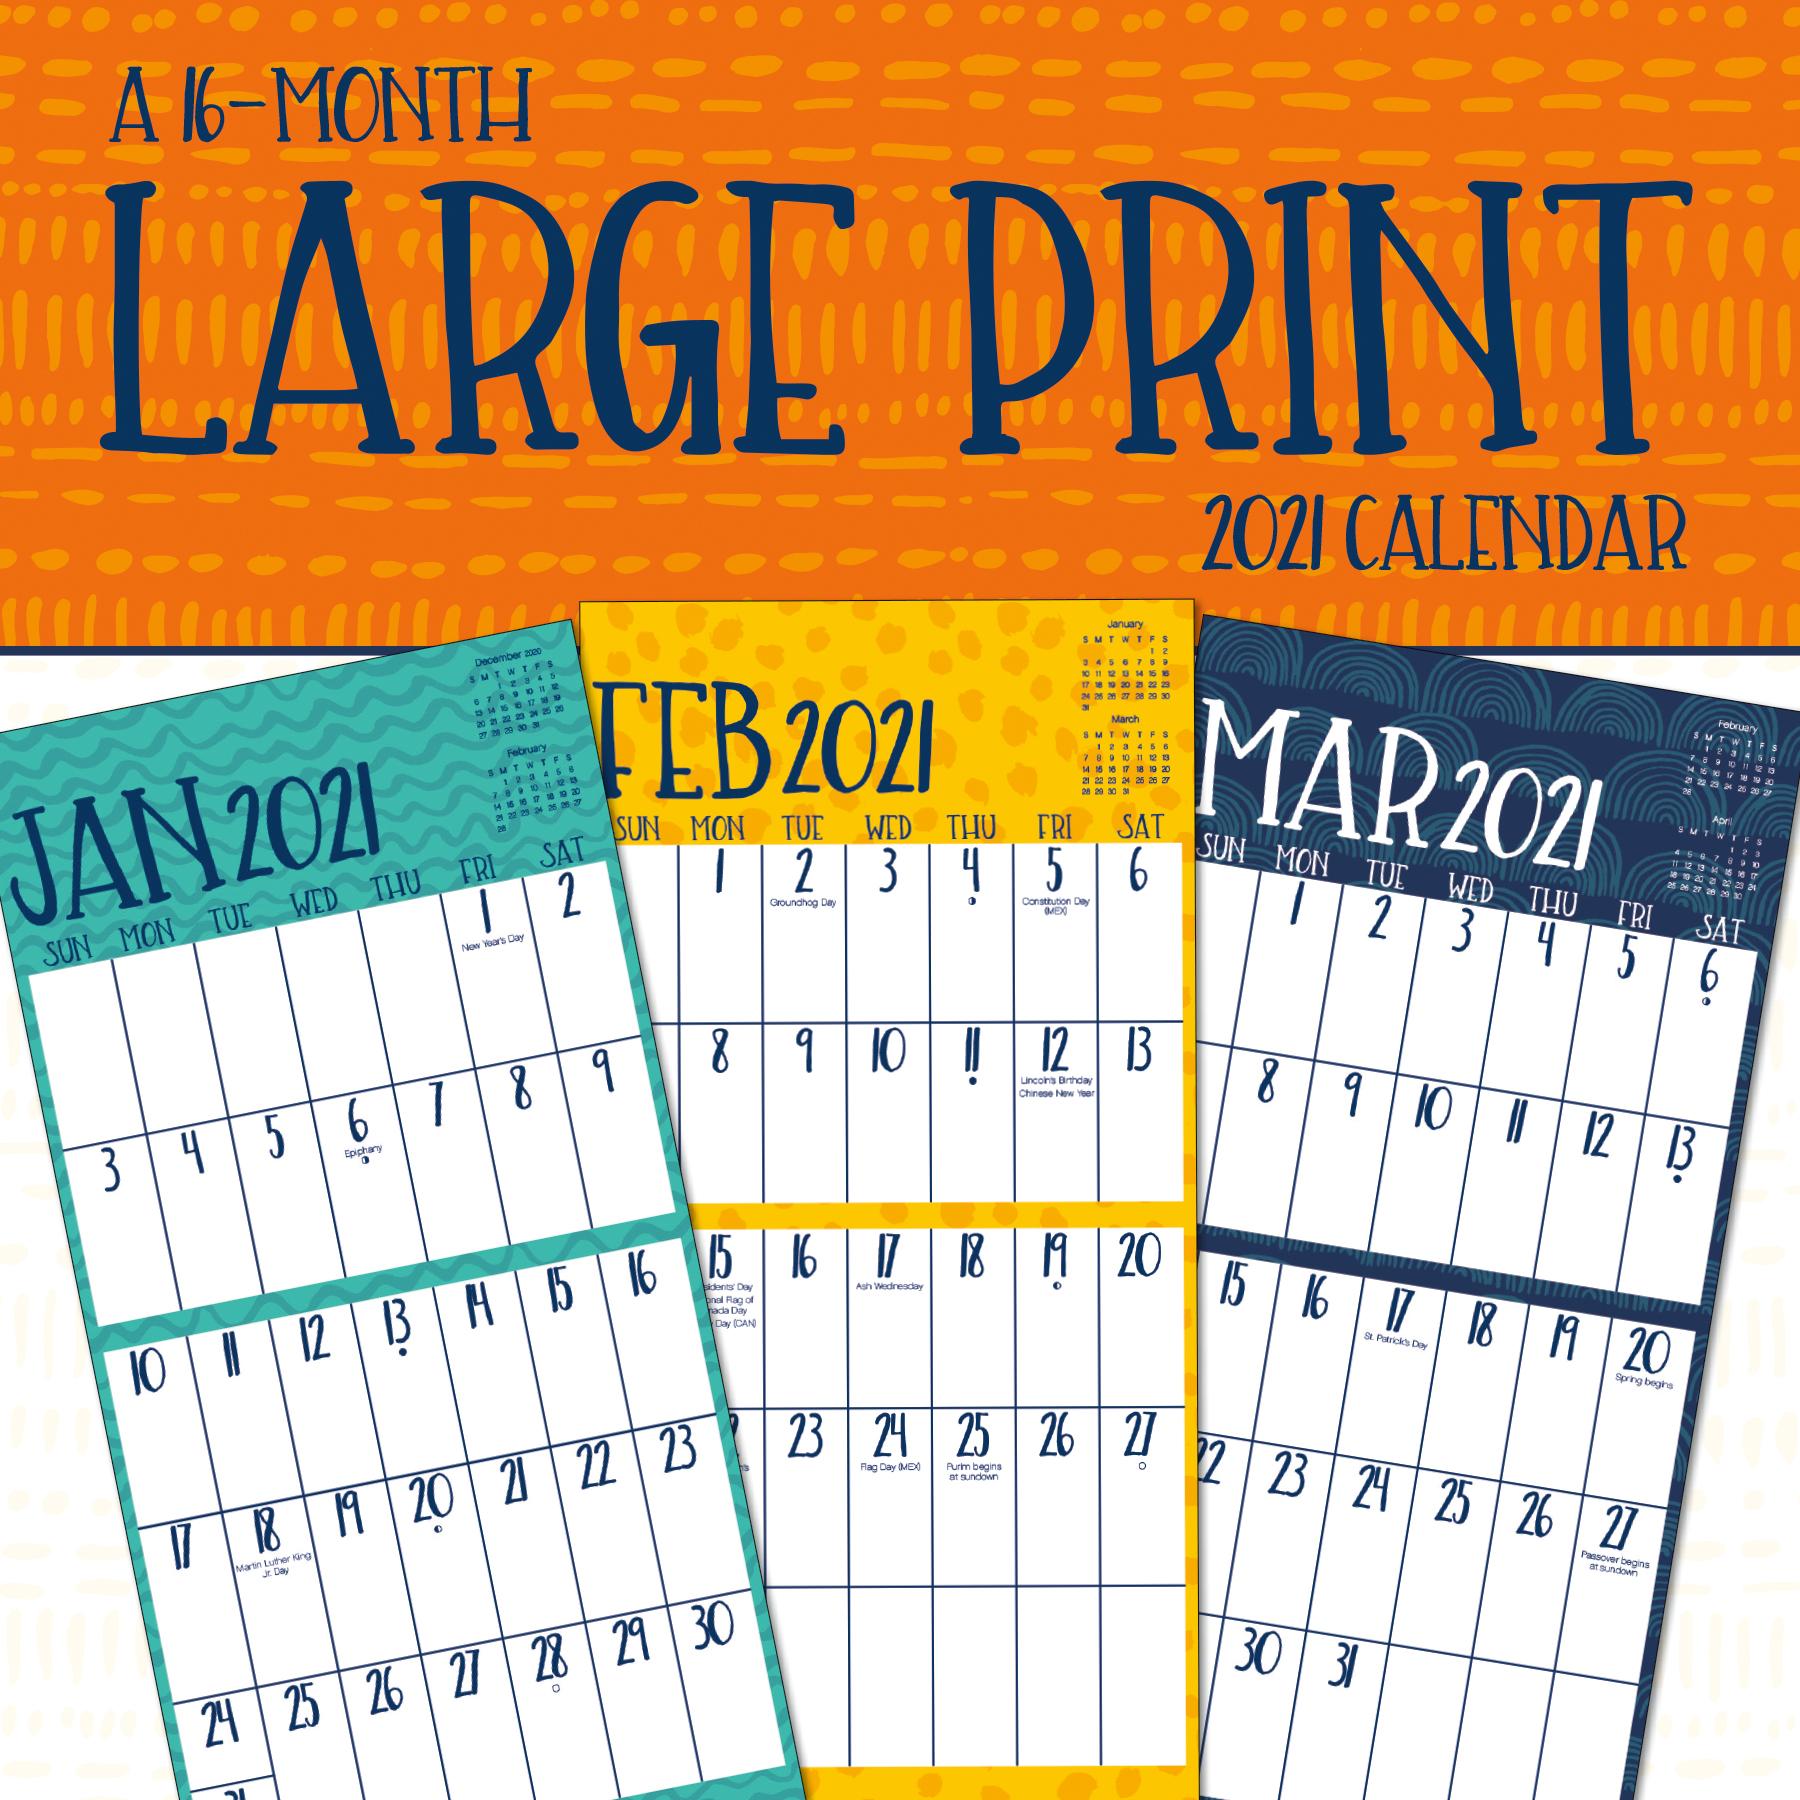 2021 Large Print Mini Calendar - Walmart.com - Walmart.com